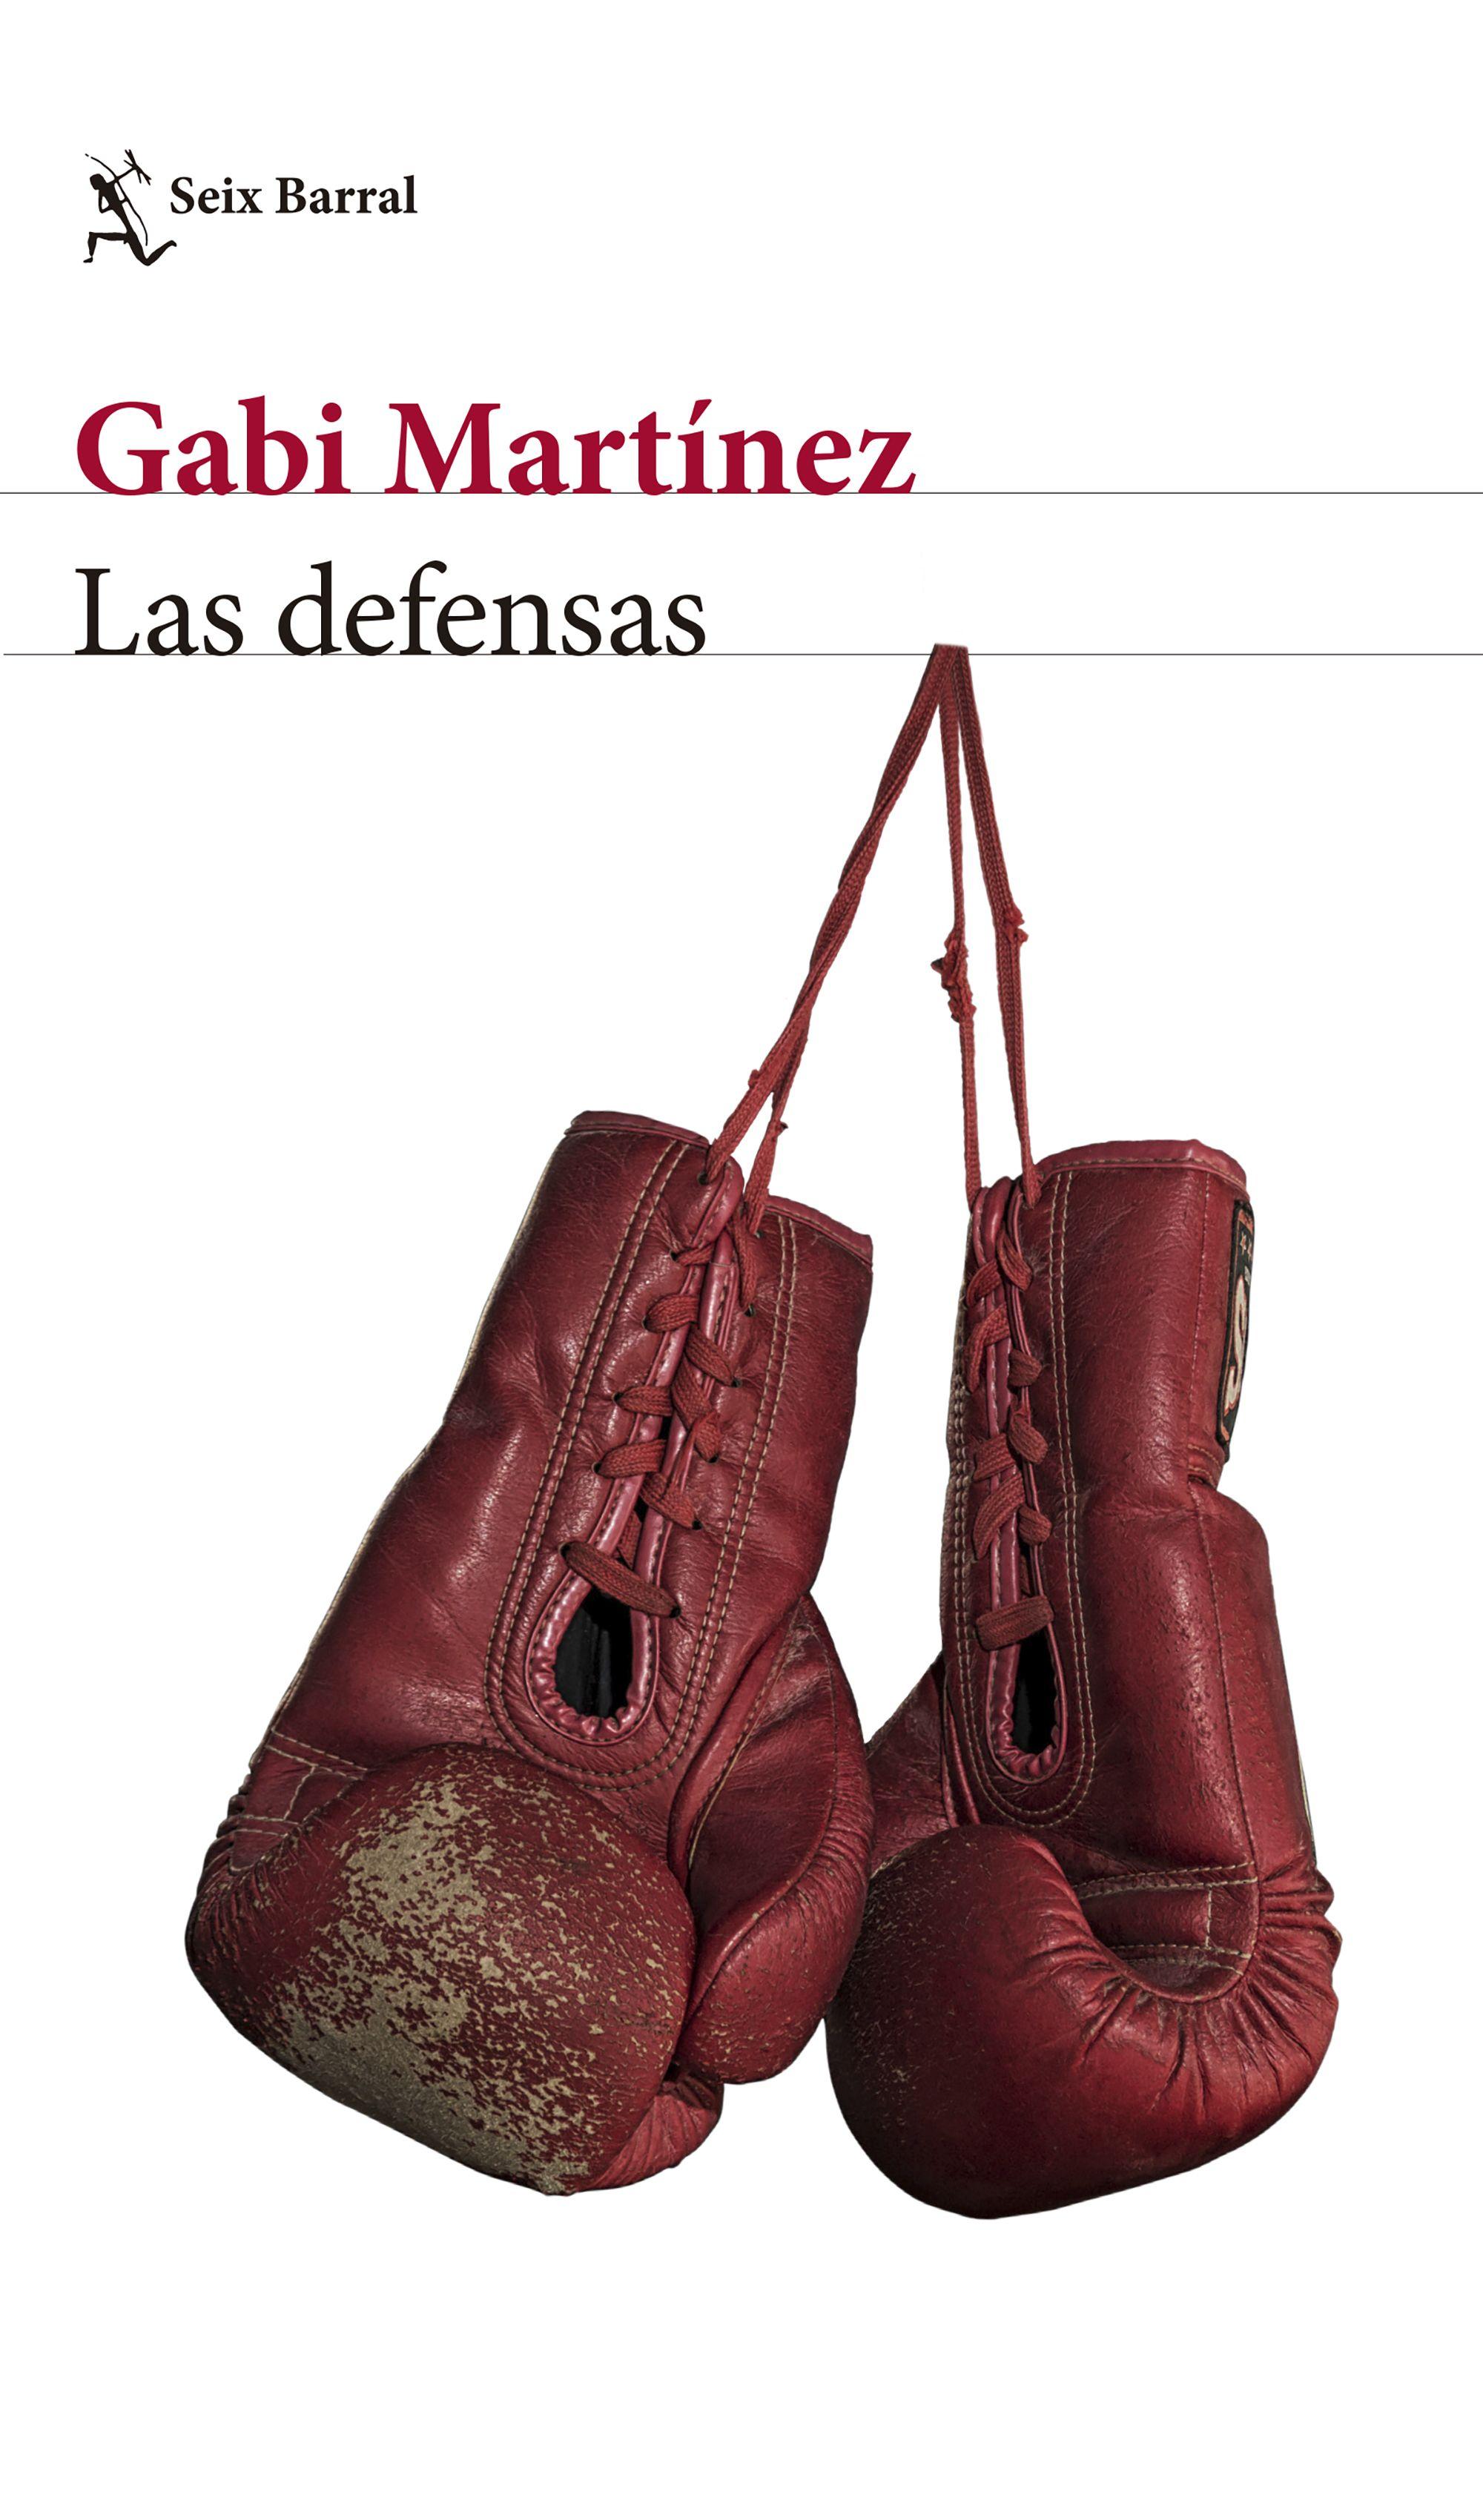 Resultado de imagen de las defensas gabi martinez